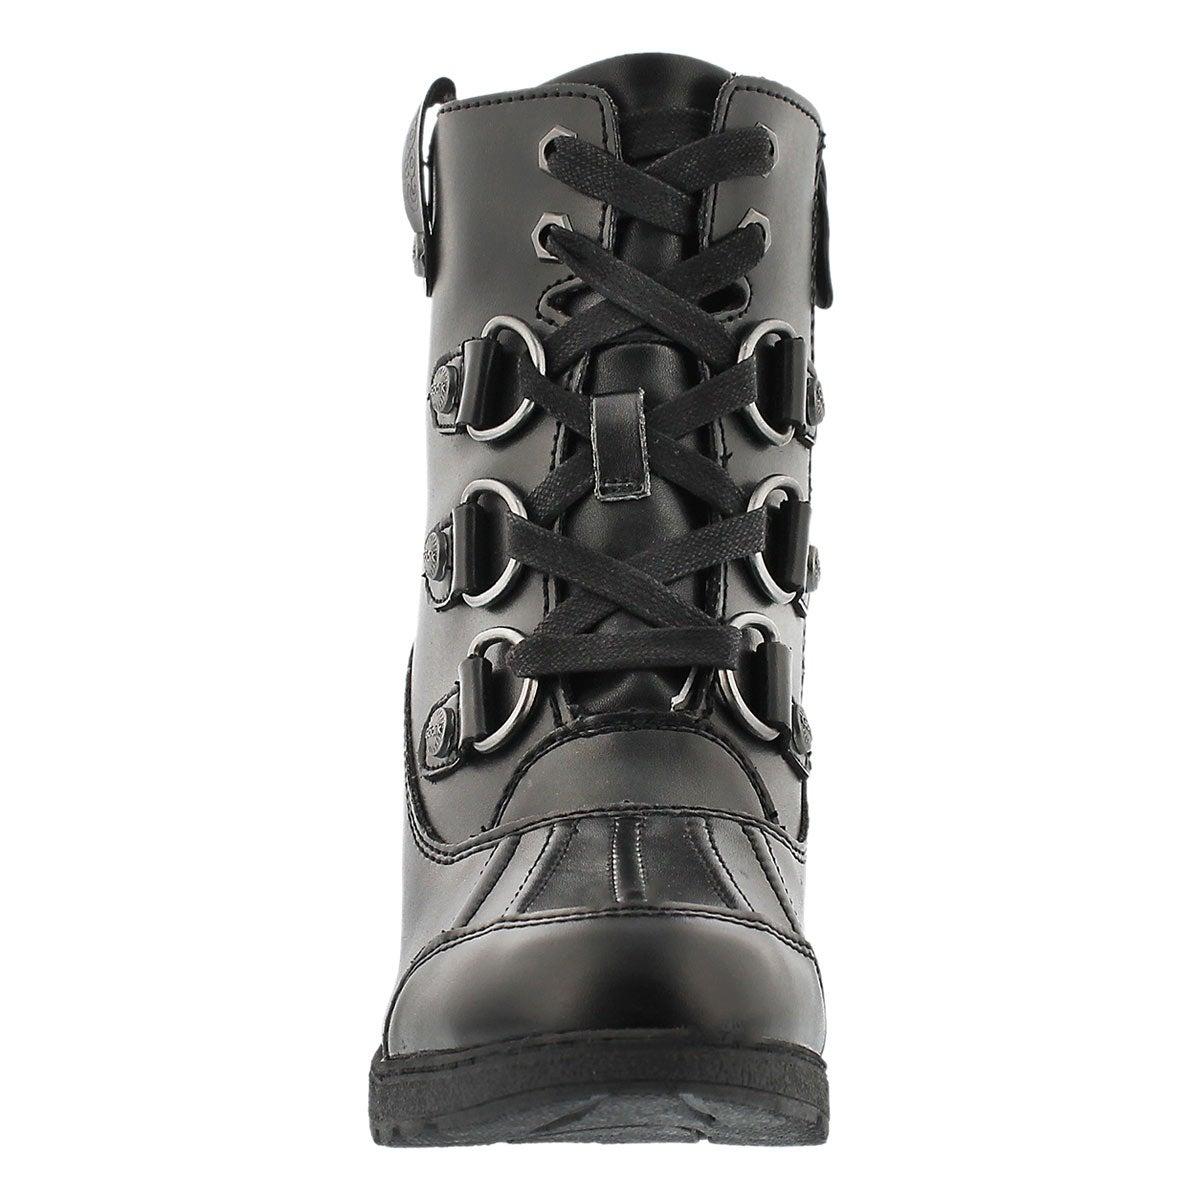 Lds Roxan black wtrpf winter dress boot